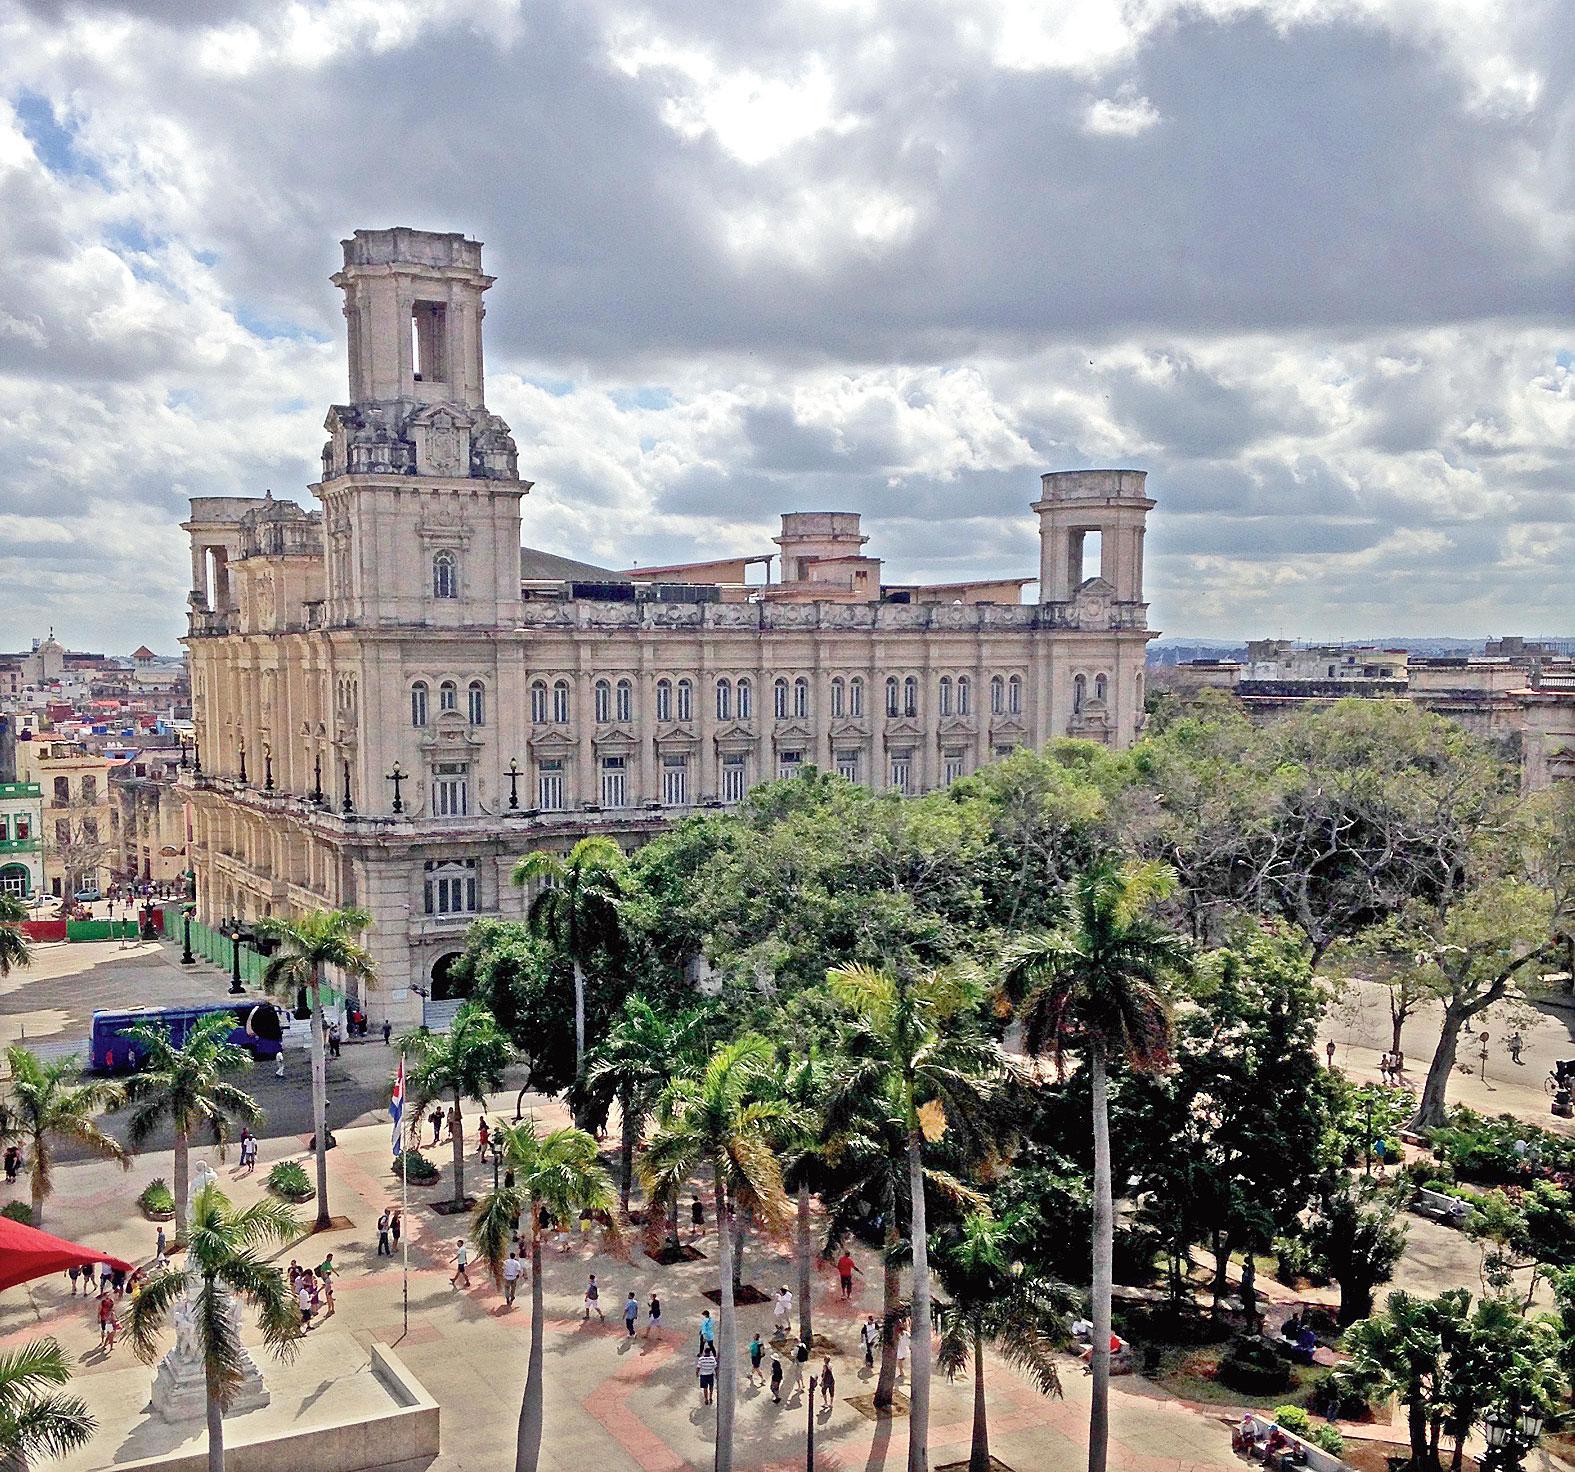 National Museum of Fine Arts in Havana